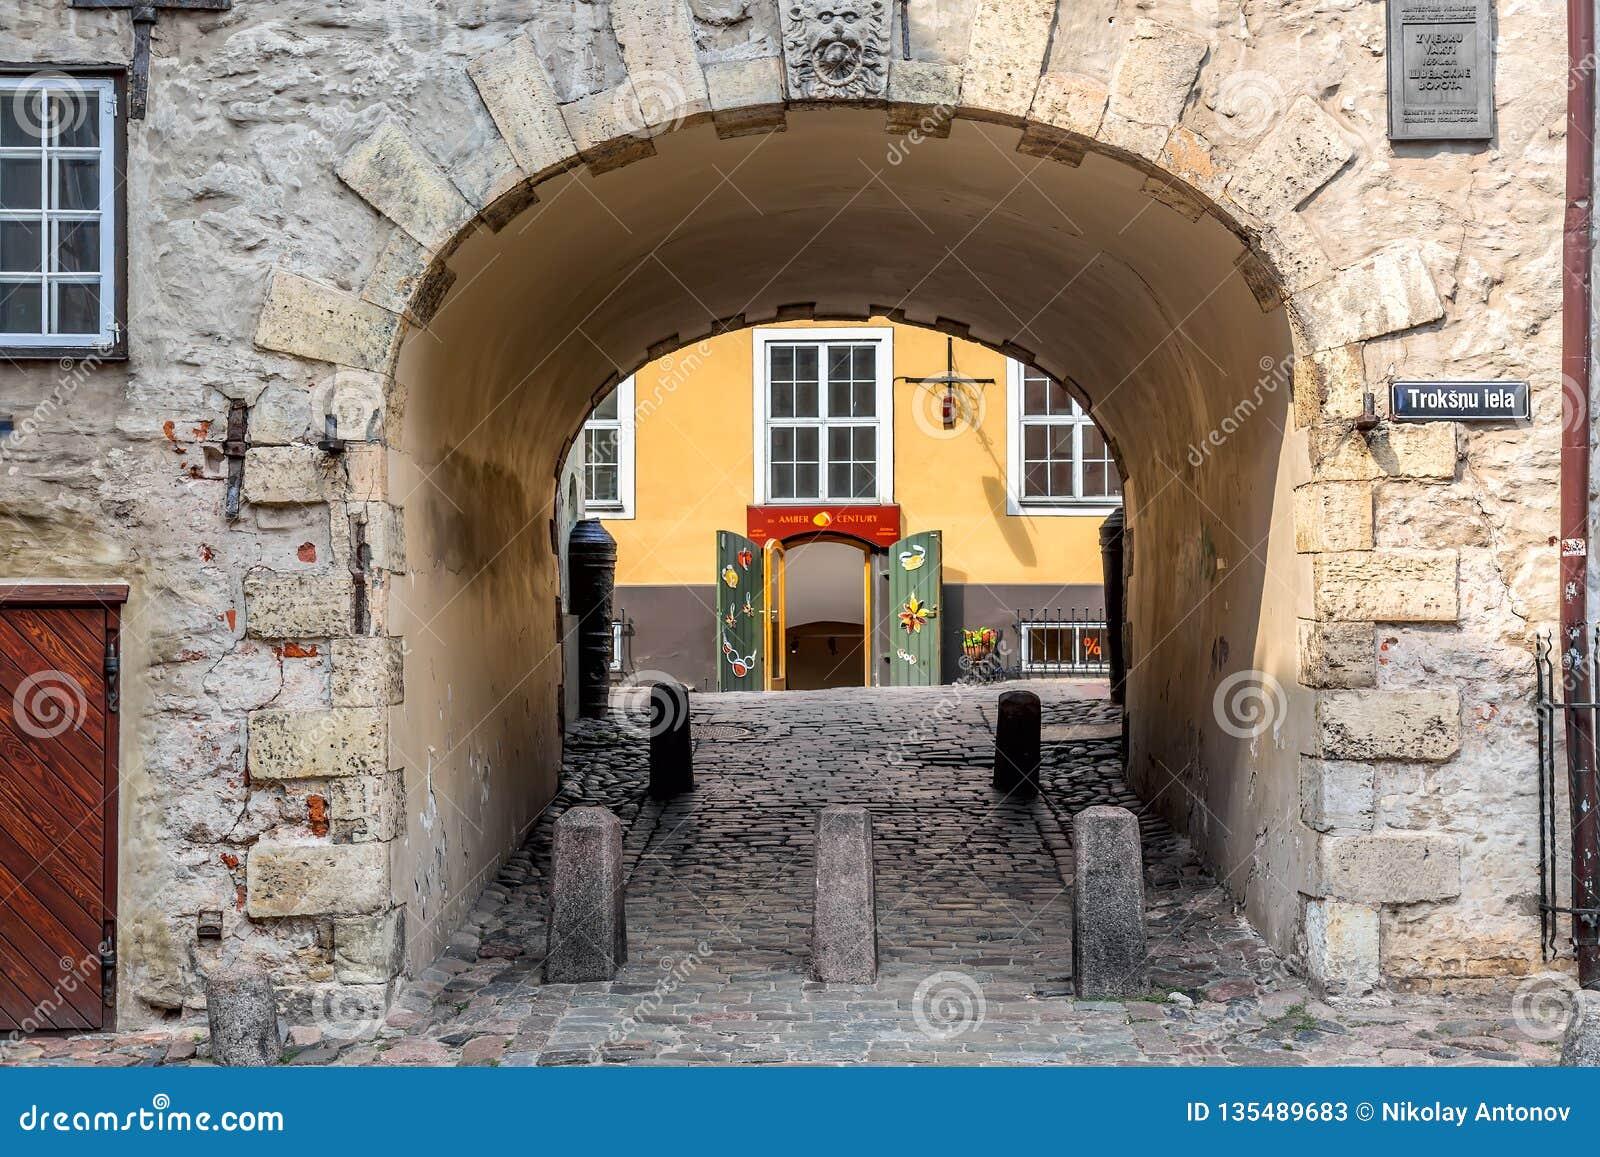 Riga, Lettland - Juli 2018: Schwedisches Tor in der alten Stadt von Riga Alter Bogen des schwedischen Tors auf Troksnu-Straße in